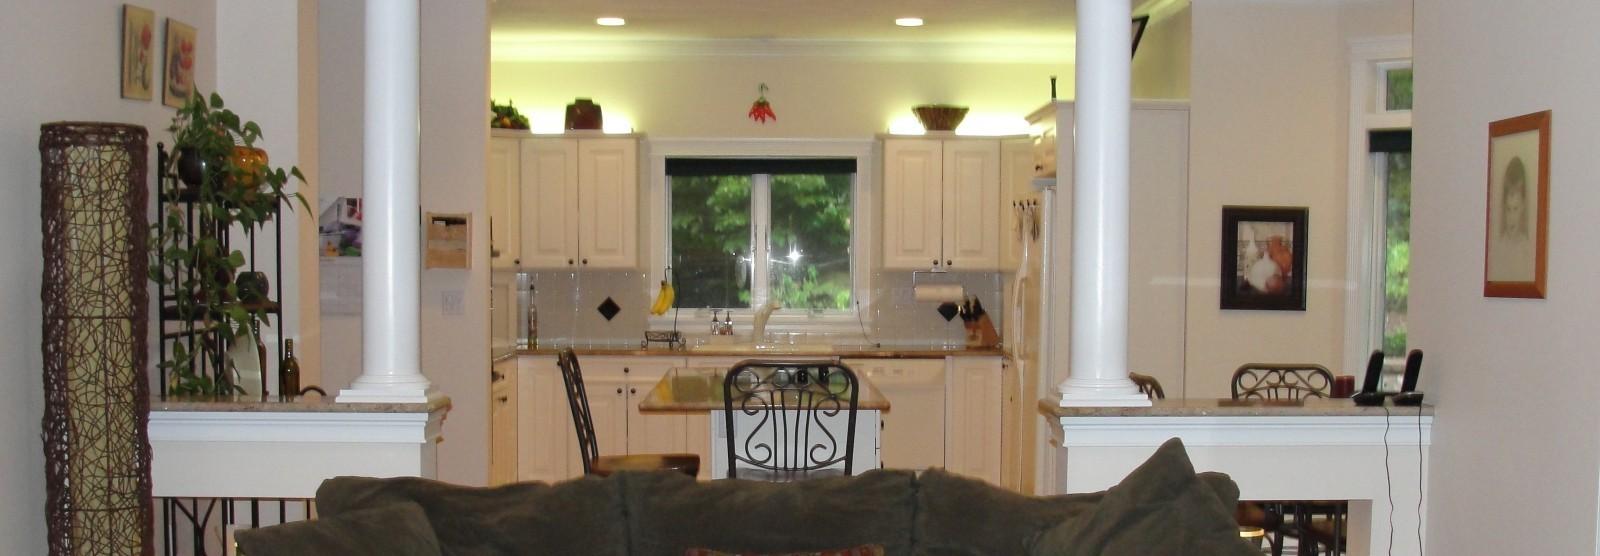 OUR-HOUSE-INTER-slideshow-e1402933090270